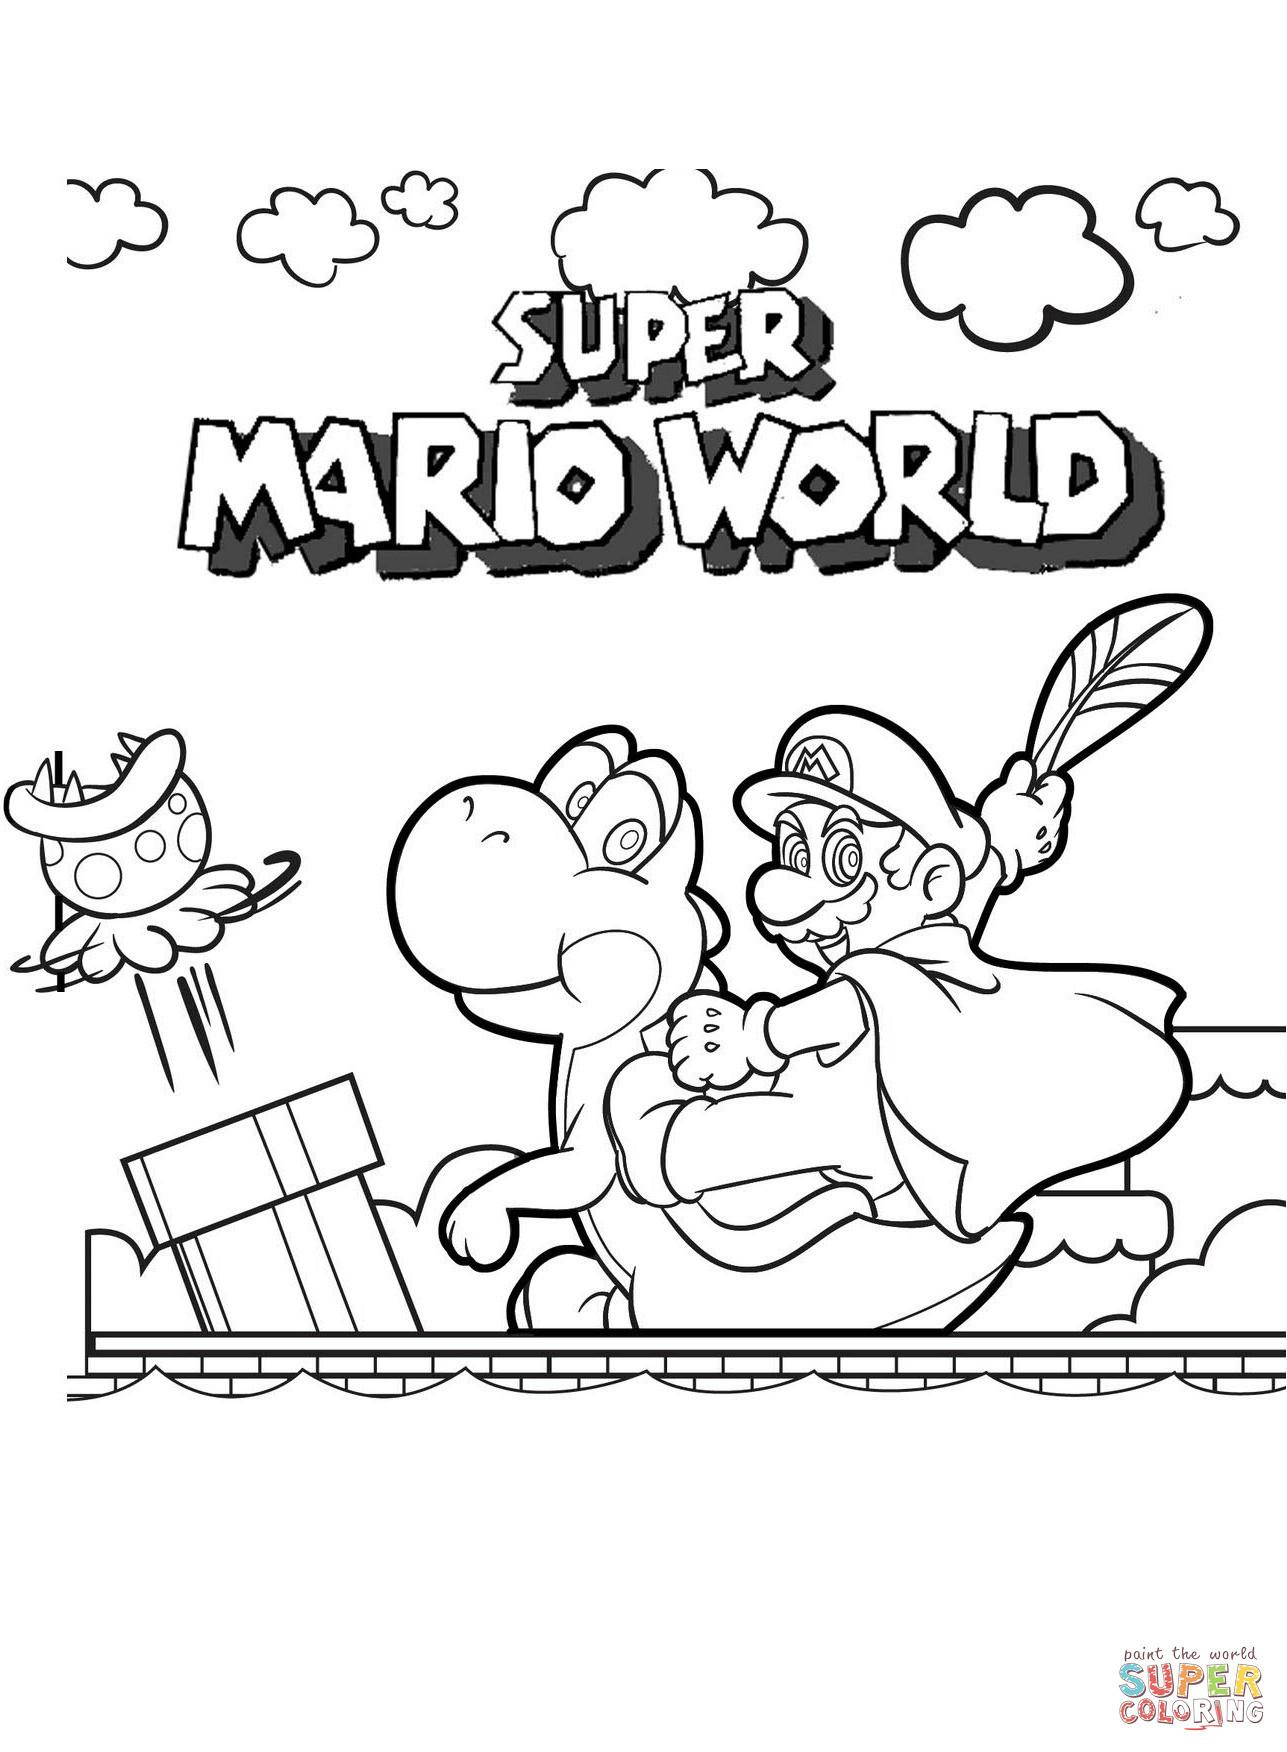 Ausmalbild Super Mario Das Beste Von Ausmalbild Super Mario World Frisch Ausmalbilder Super Mario 3d Das Bild